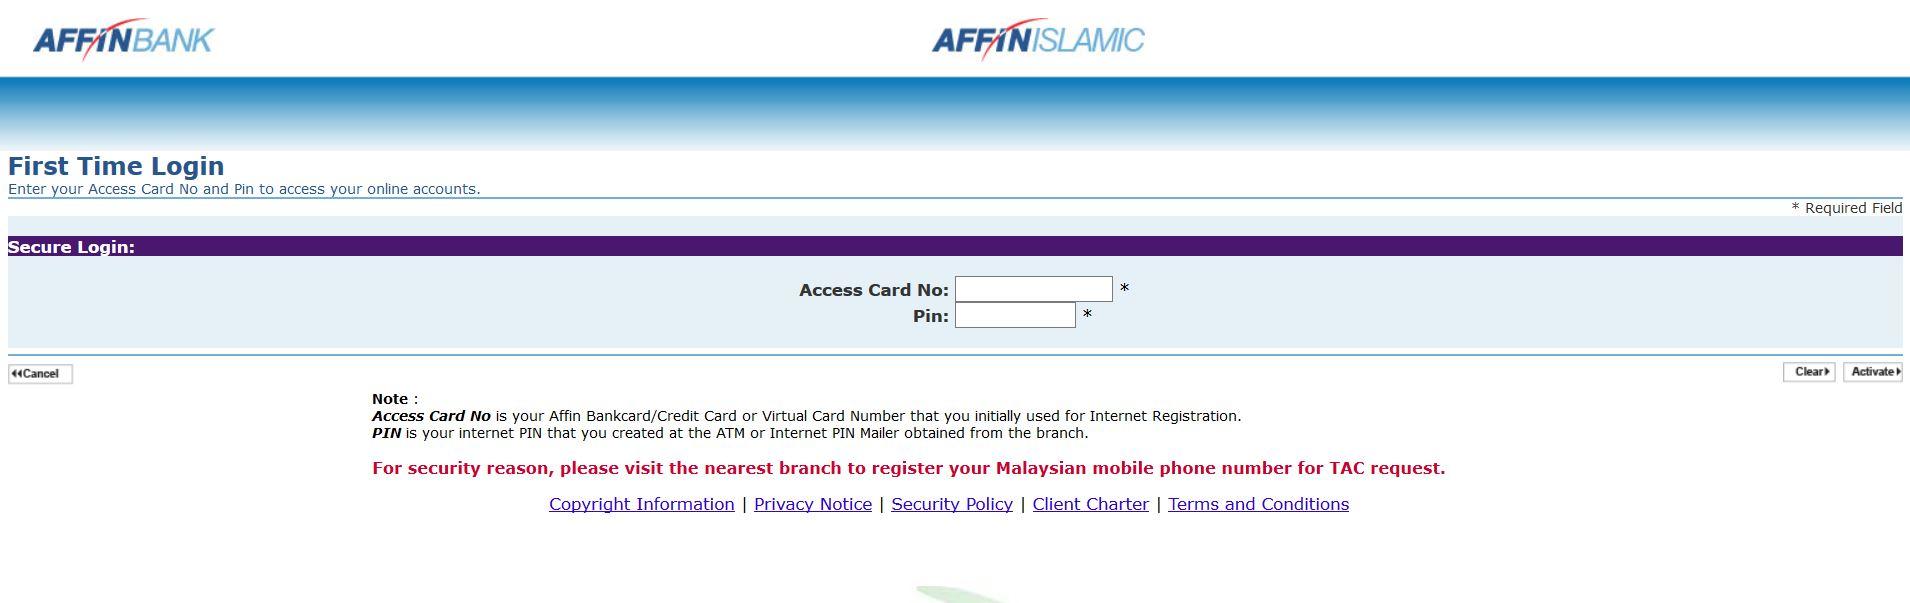 Login Internet Banking Affin Bank